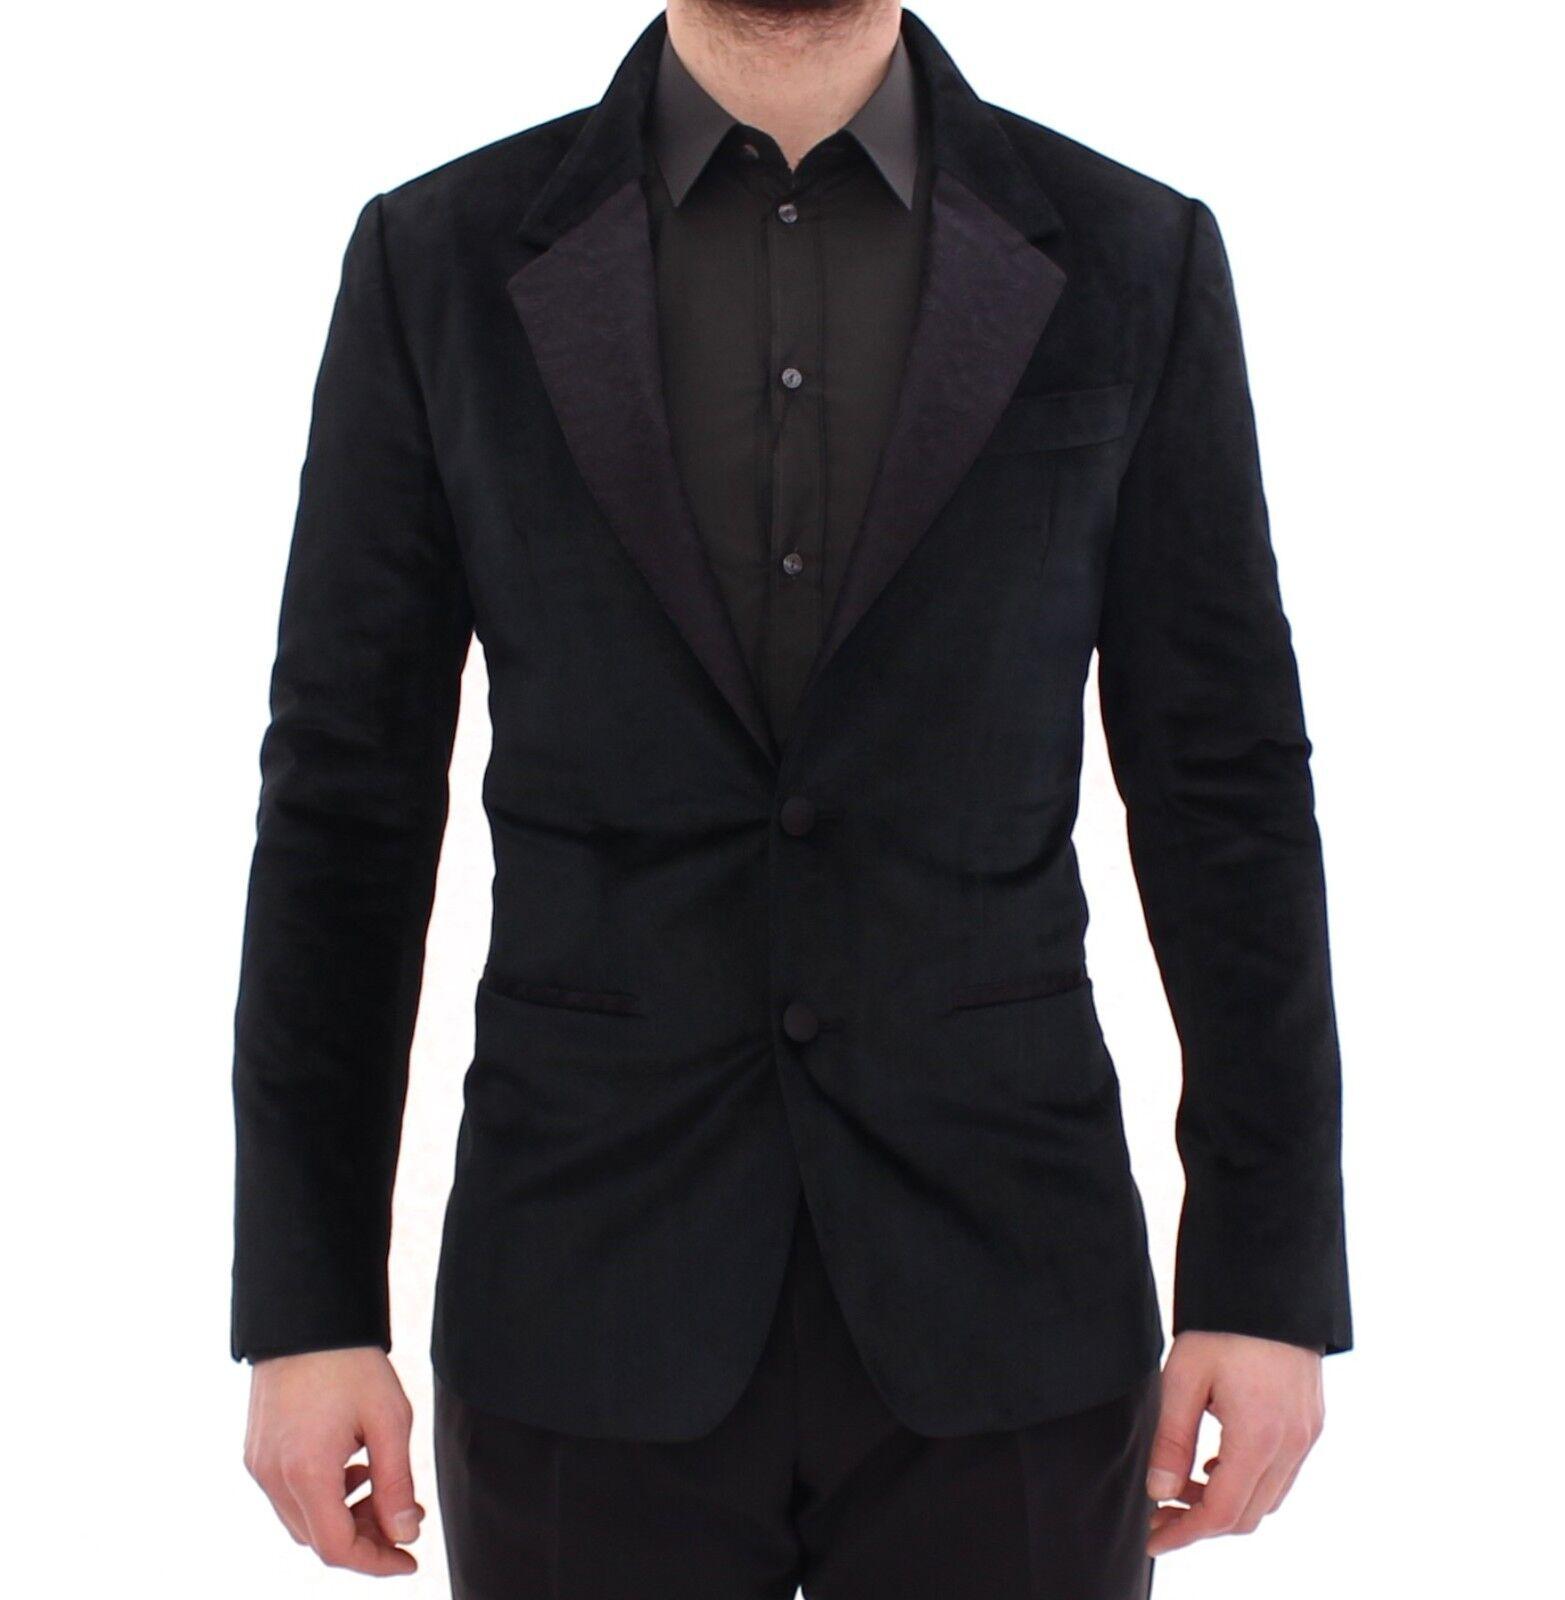 Nuevo con Etiqueta Dolce & Gabbana Negro 2 Botones Ajustado Chaqueta Americana